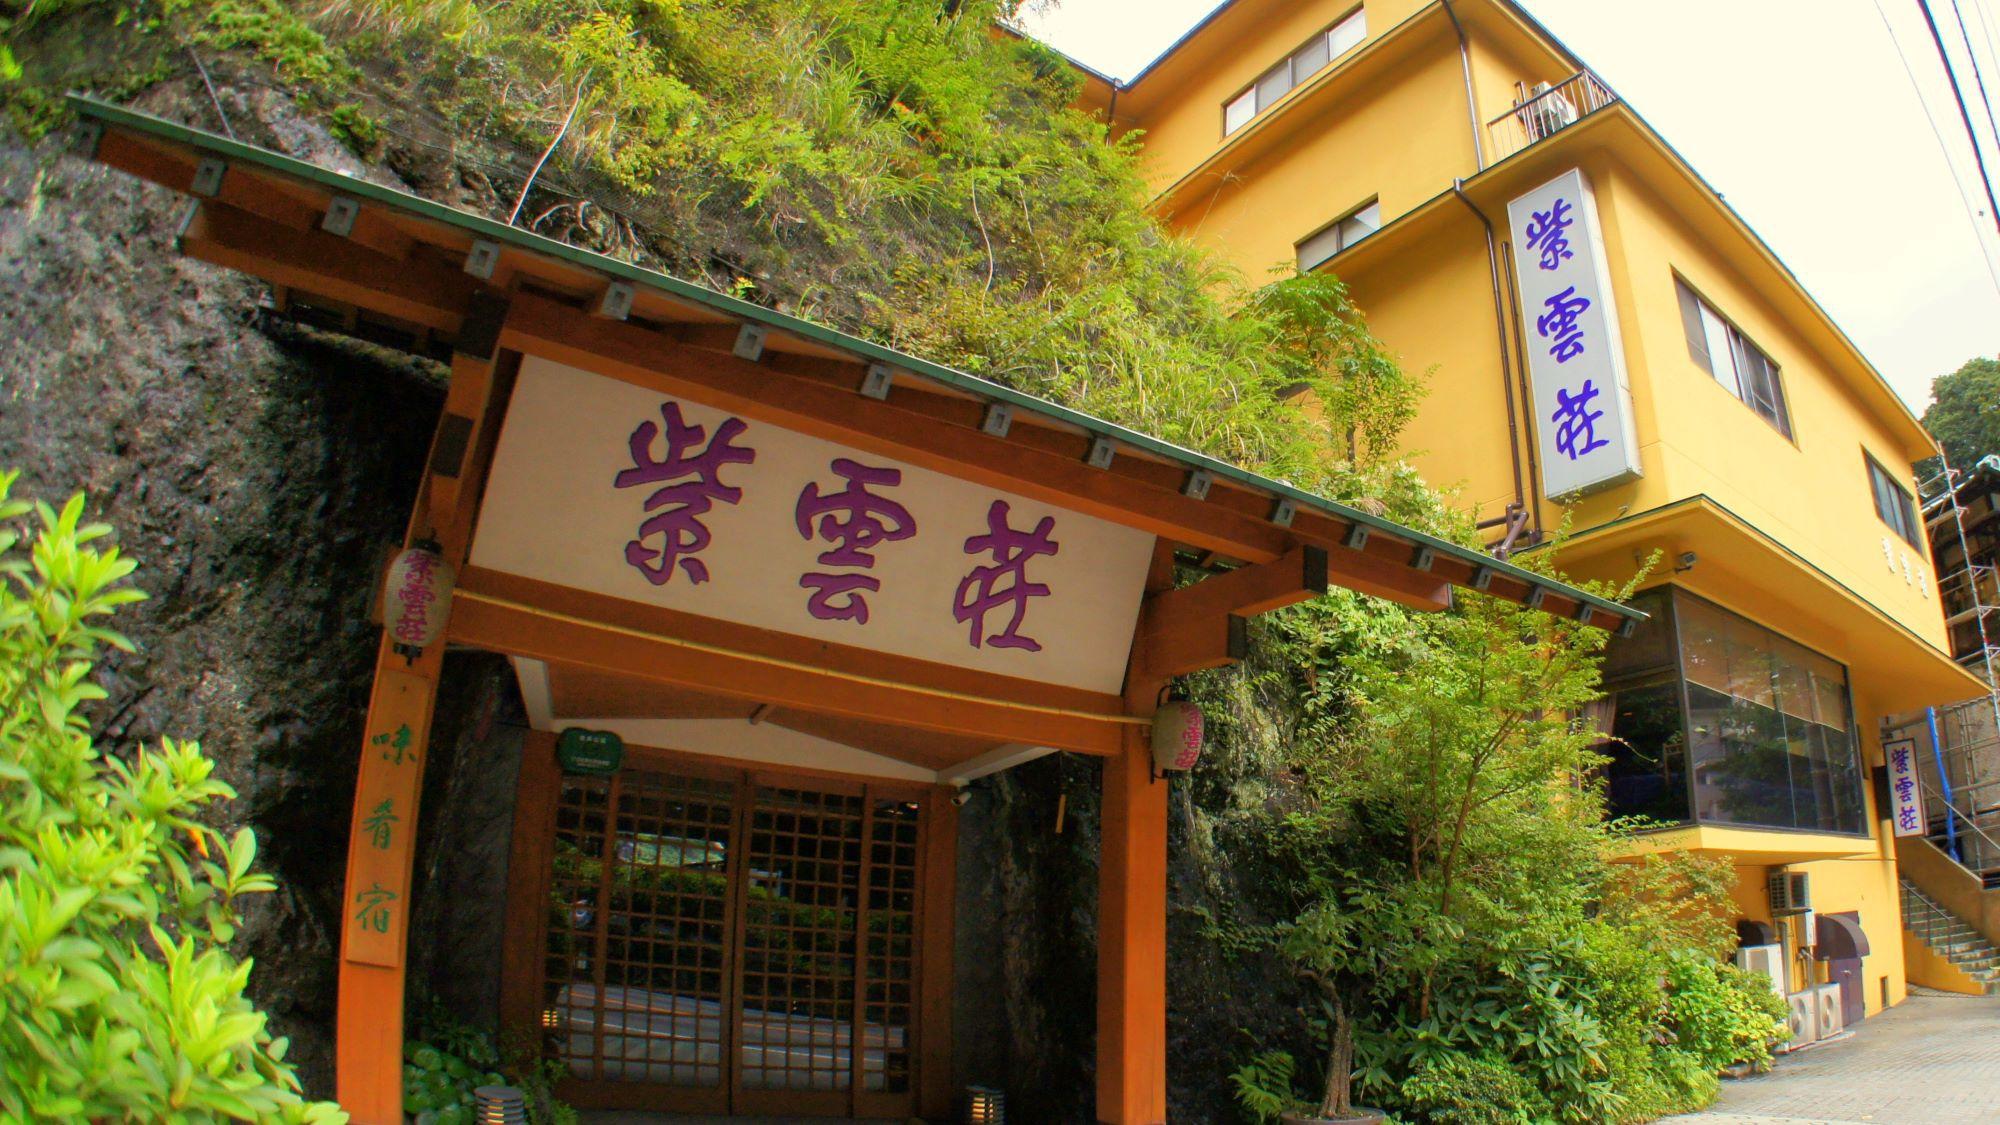 箱根周辺で足腰の悪い母親を連れて行きたいと思っています。